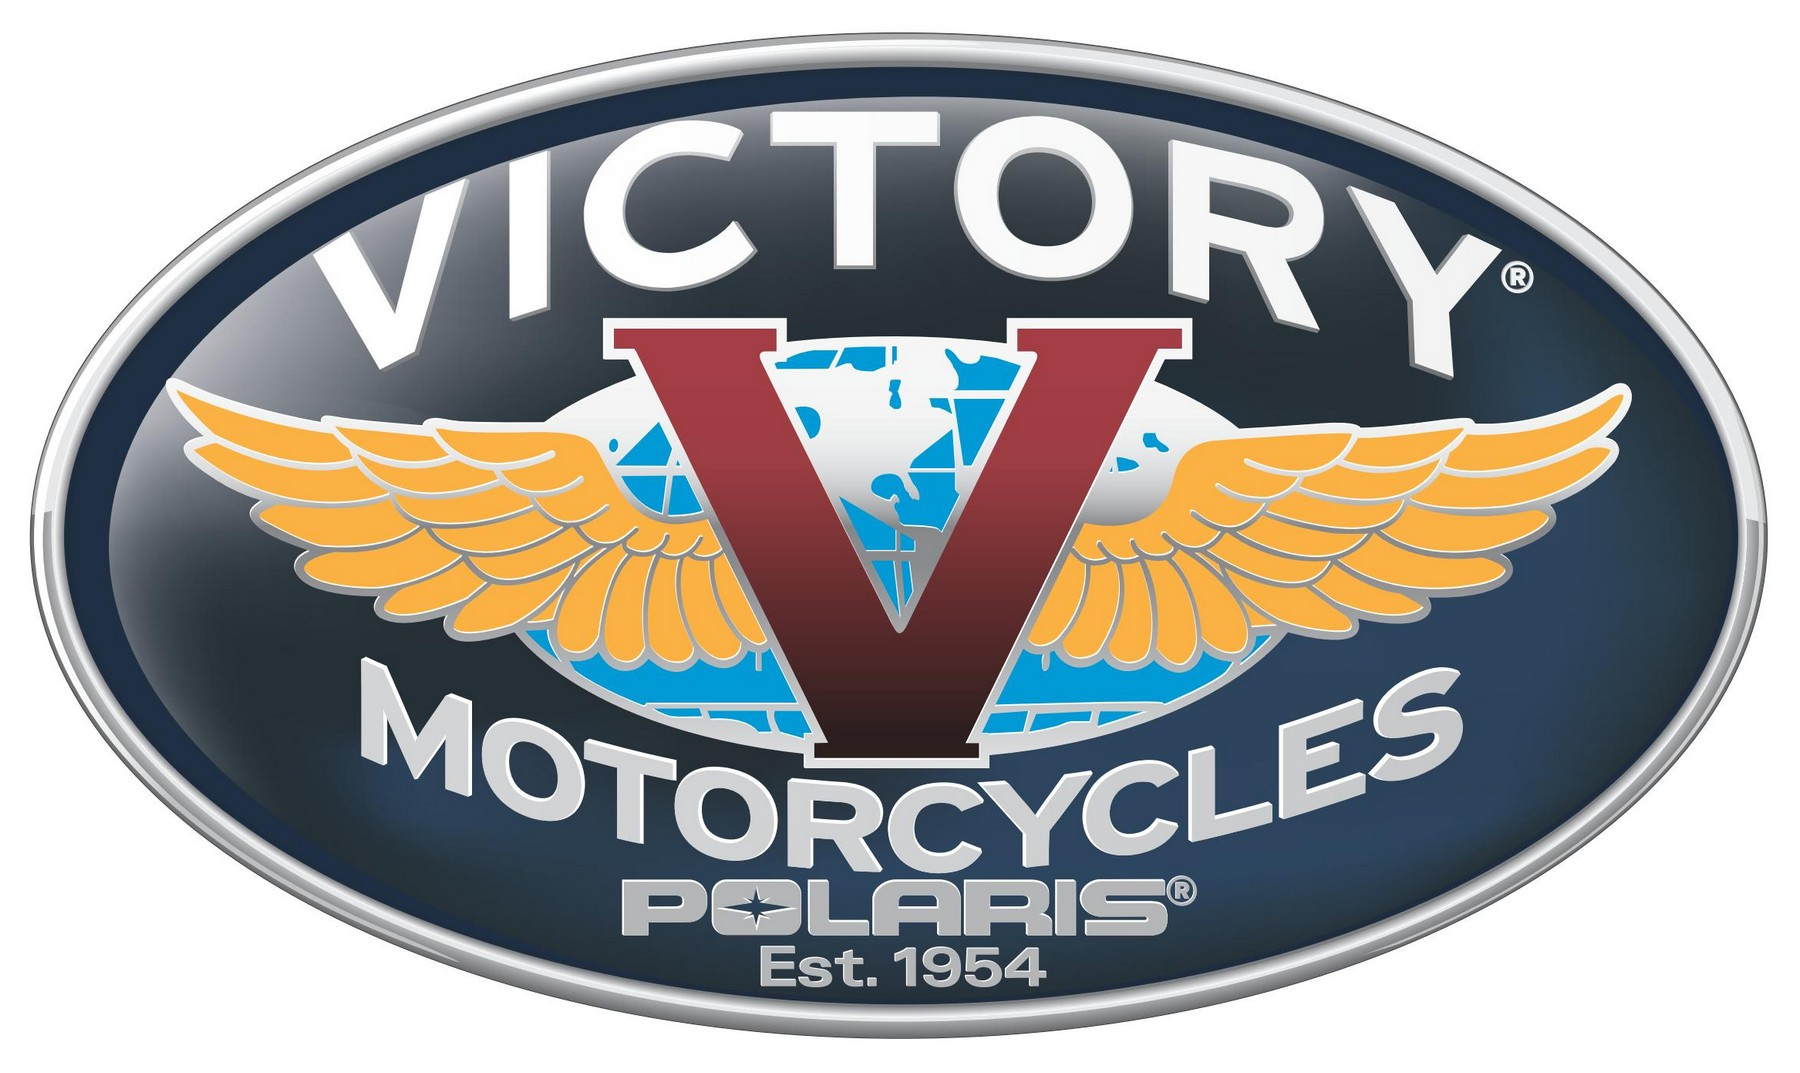 victory-motorcycle-logo.jpg